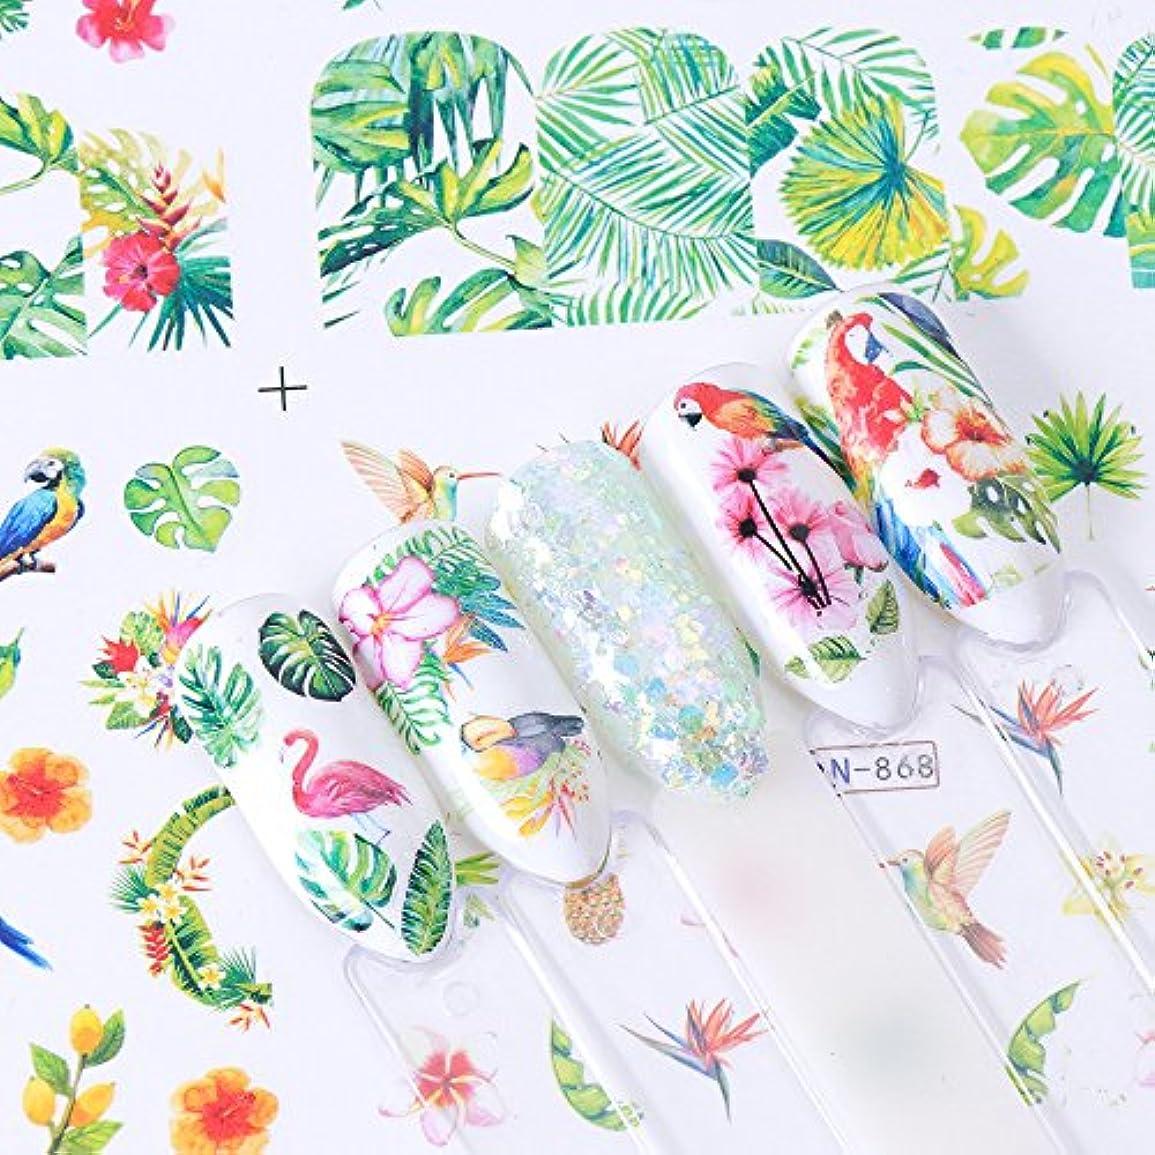 押し下げる教え洞察力のある12枚セット フラミンゴ 熱帯植物 モンステラネイルシール ウォーターネイルシール ジェルネイル セルフネイル レジン フラミンゴ 鳥 夏 トロピカル 南国 ピンクネイルシール ピンクフラミンゴシール ピンク